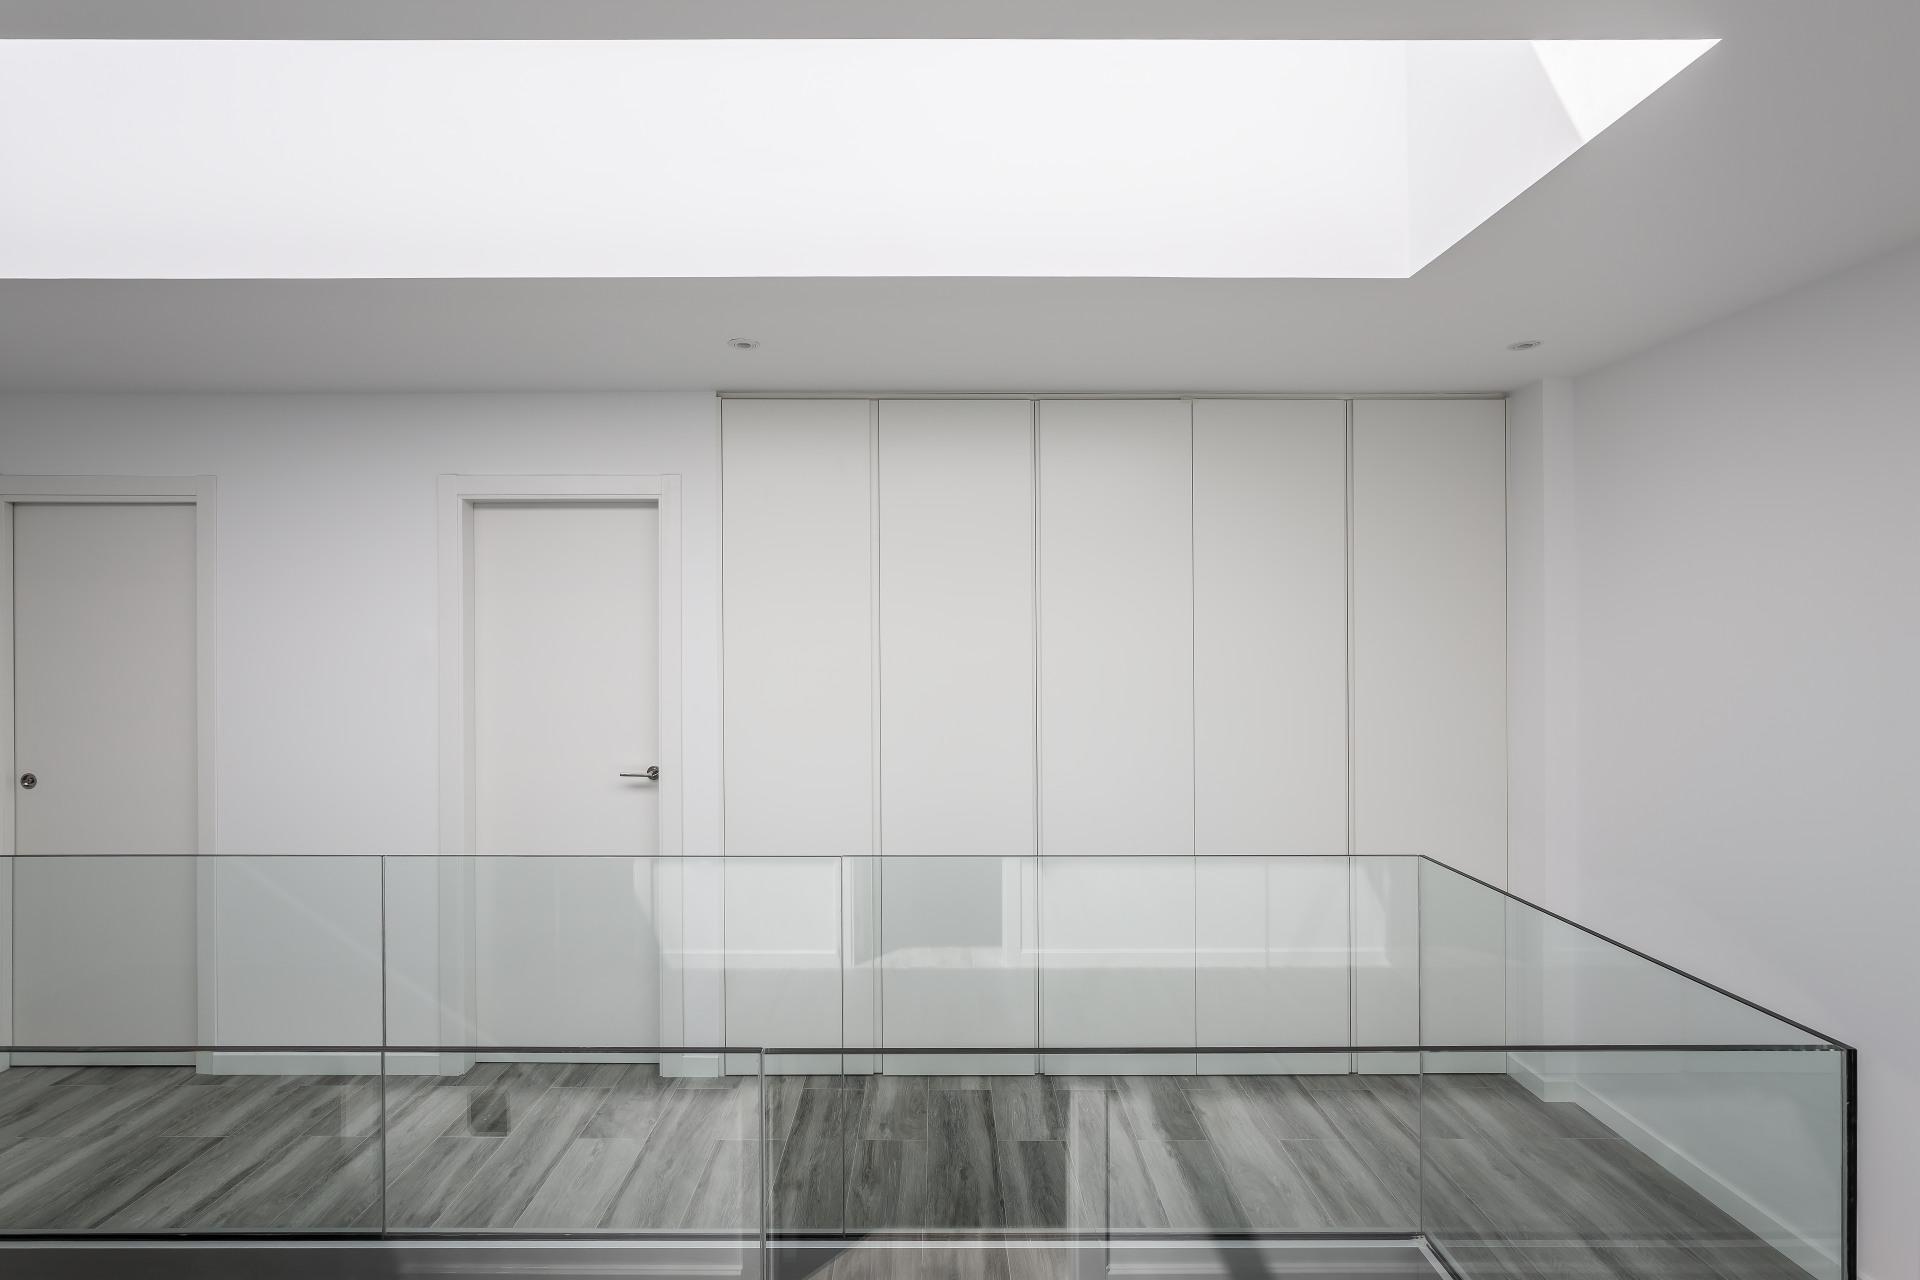 fotografia-arquitectura-valencia-puig-german-cabo-viraje-v15 (14)